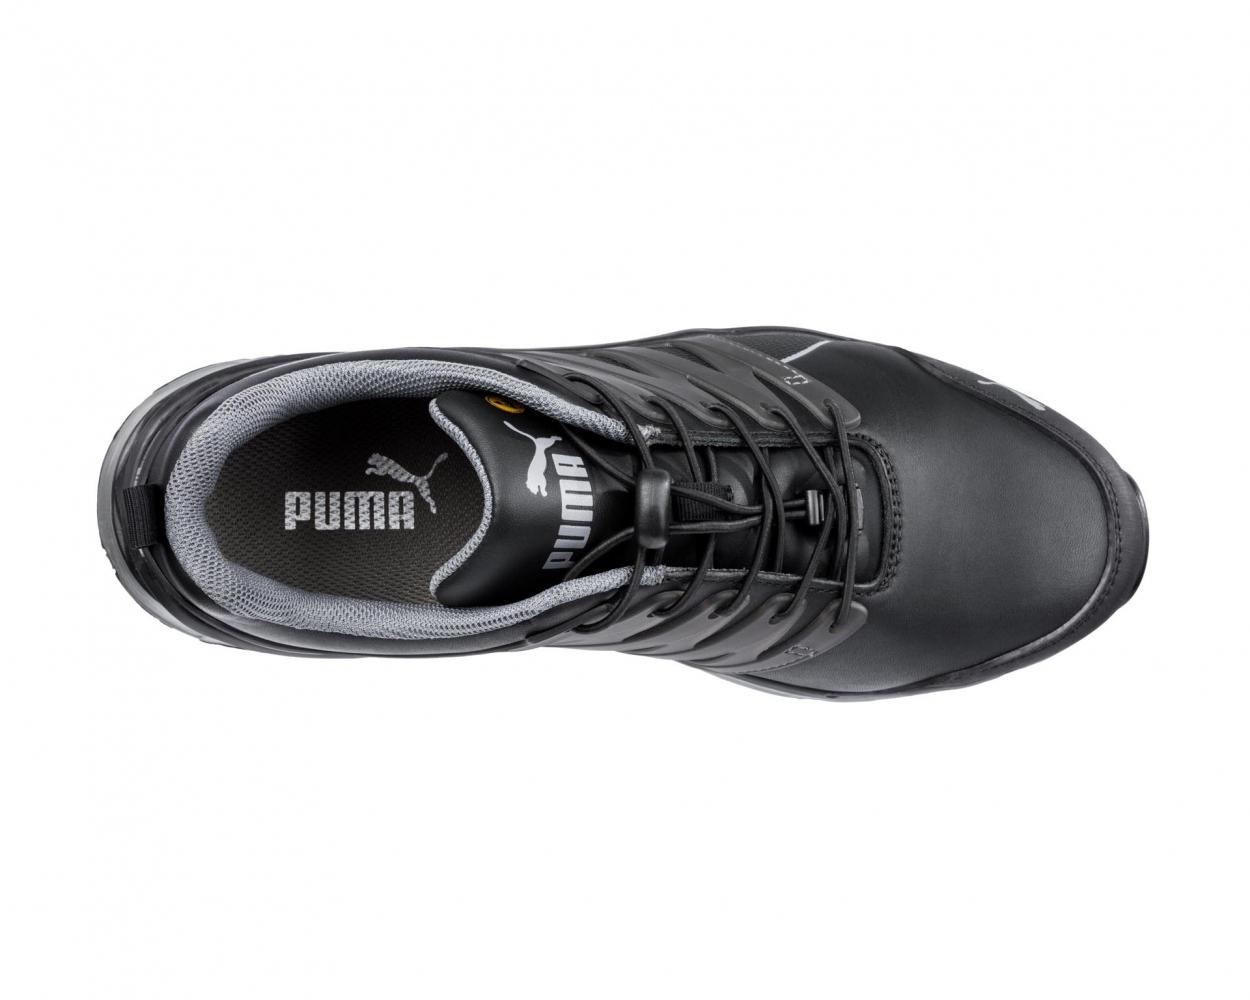 PUMA 643840 VELOCITY 2.0 BLACK LOW chaussures de sécurité S3 ESD HRO ... f05b16cc130e